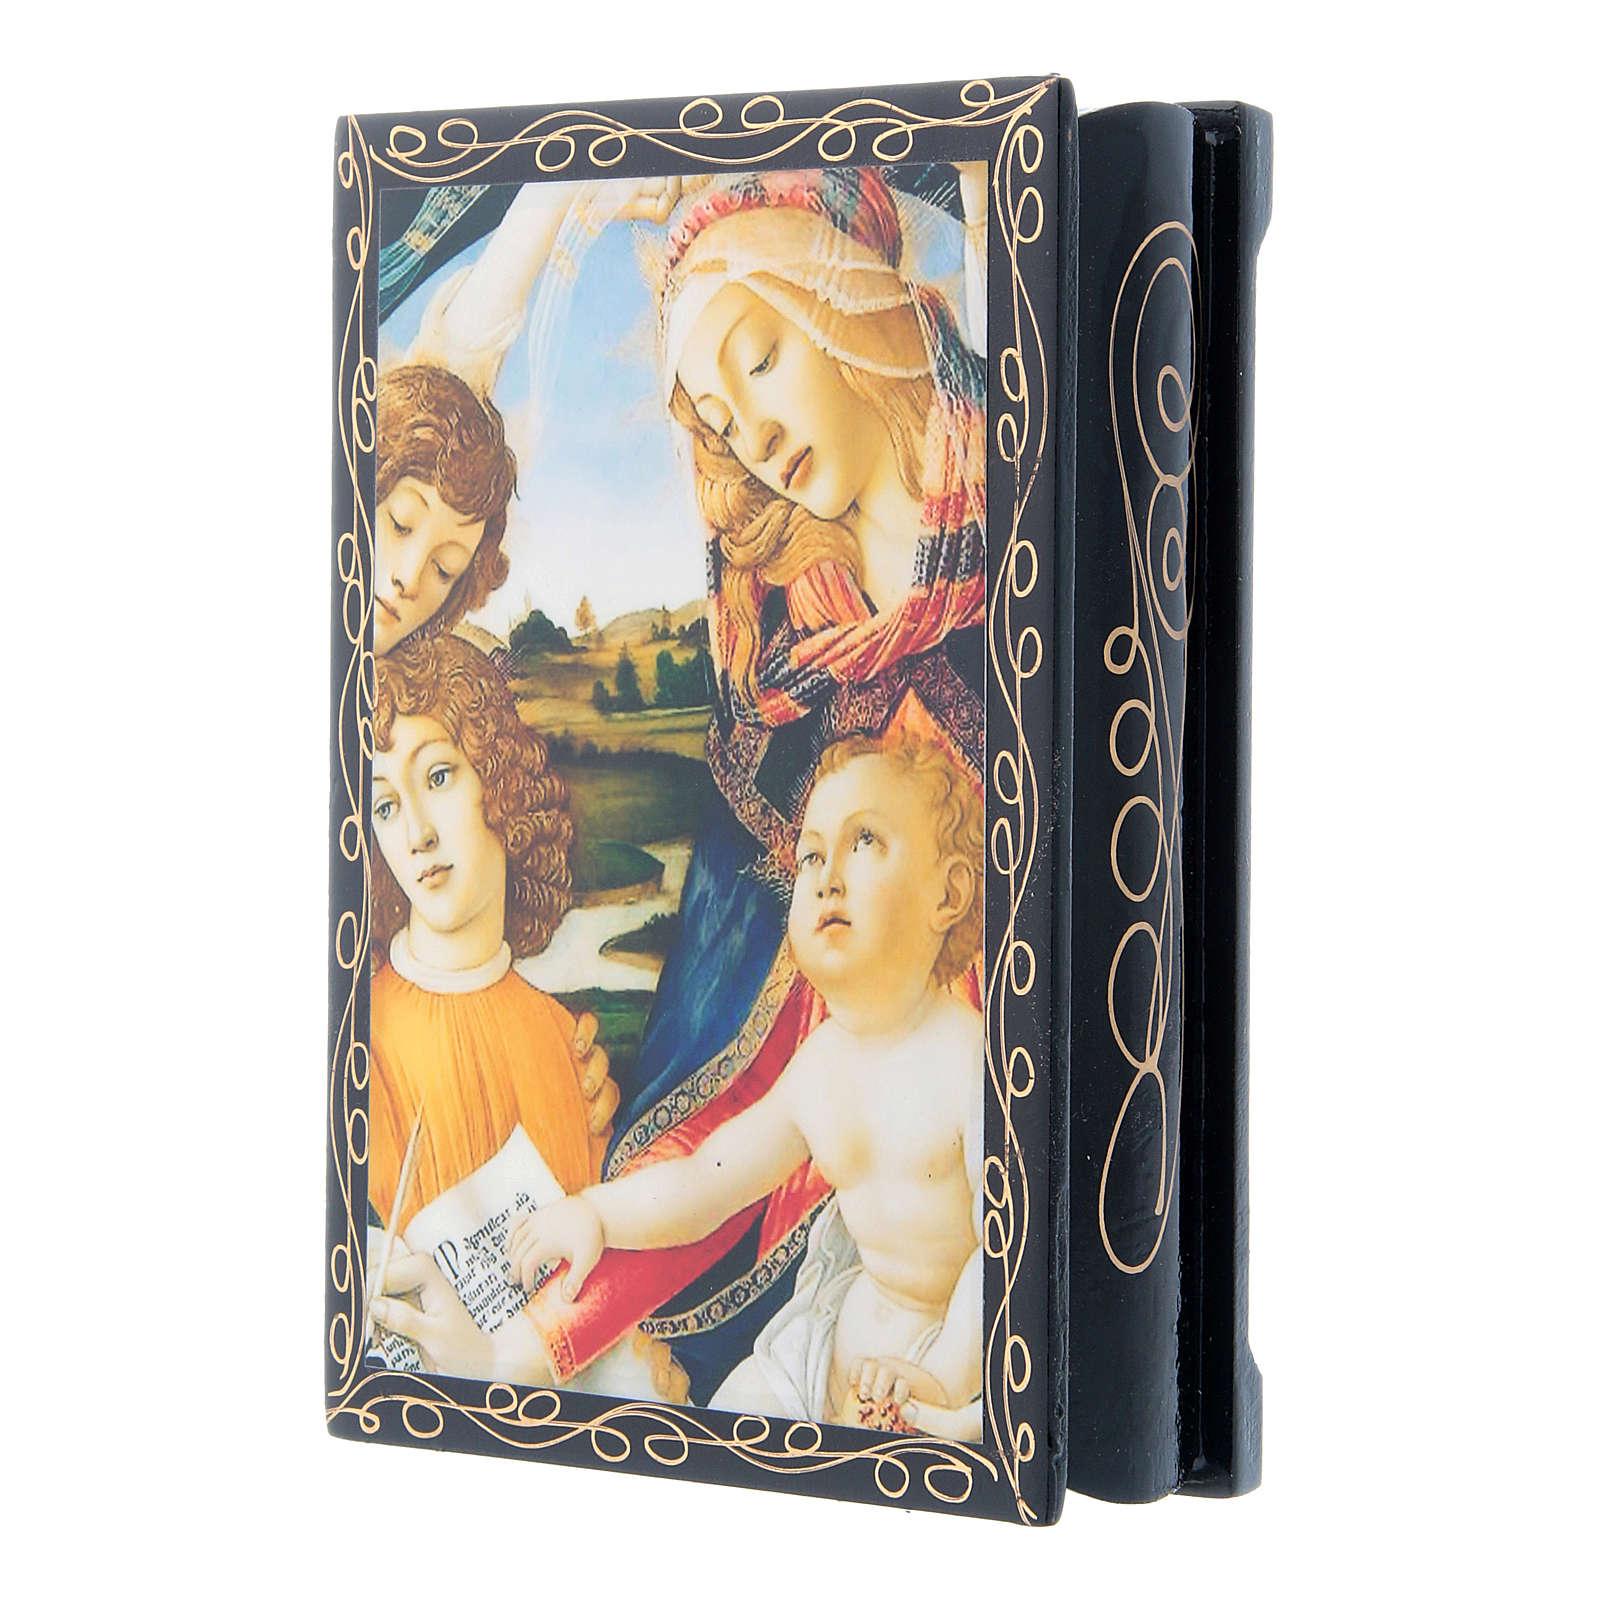 Russian papier-mâché and lacquer box Madonna of the Magnificat 14x10 cm 4